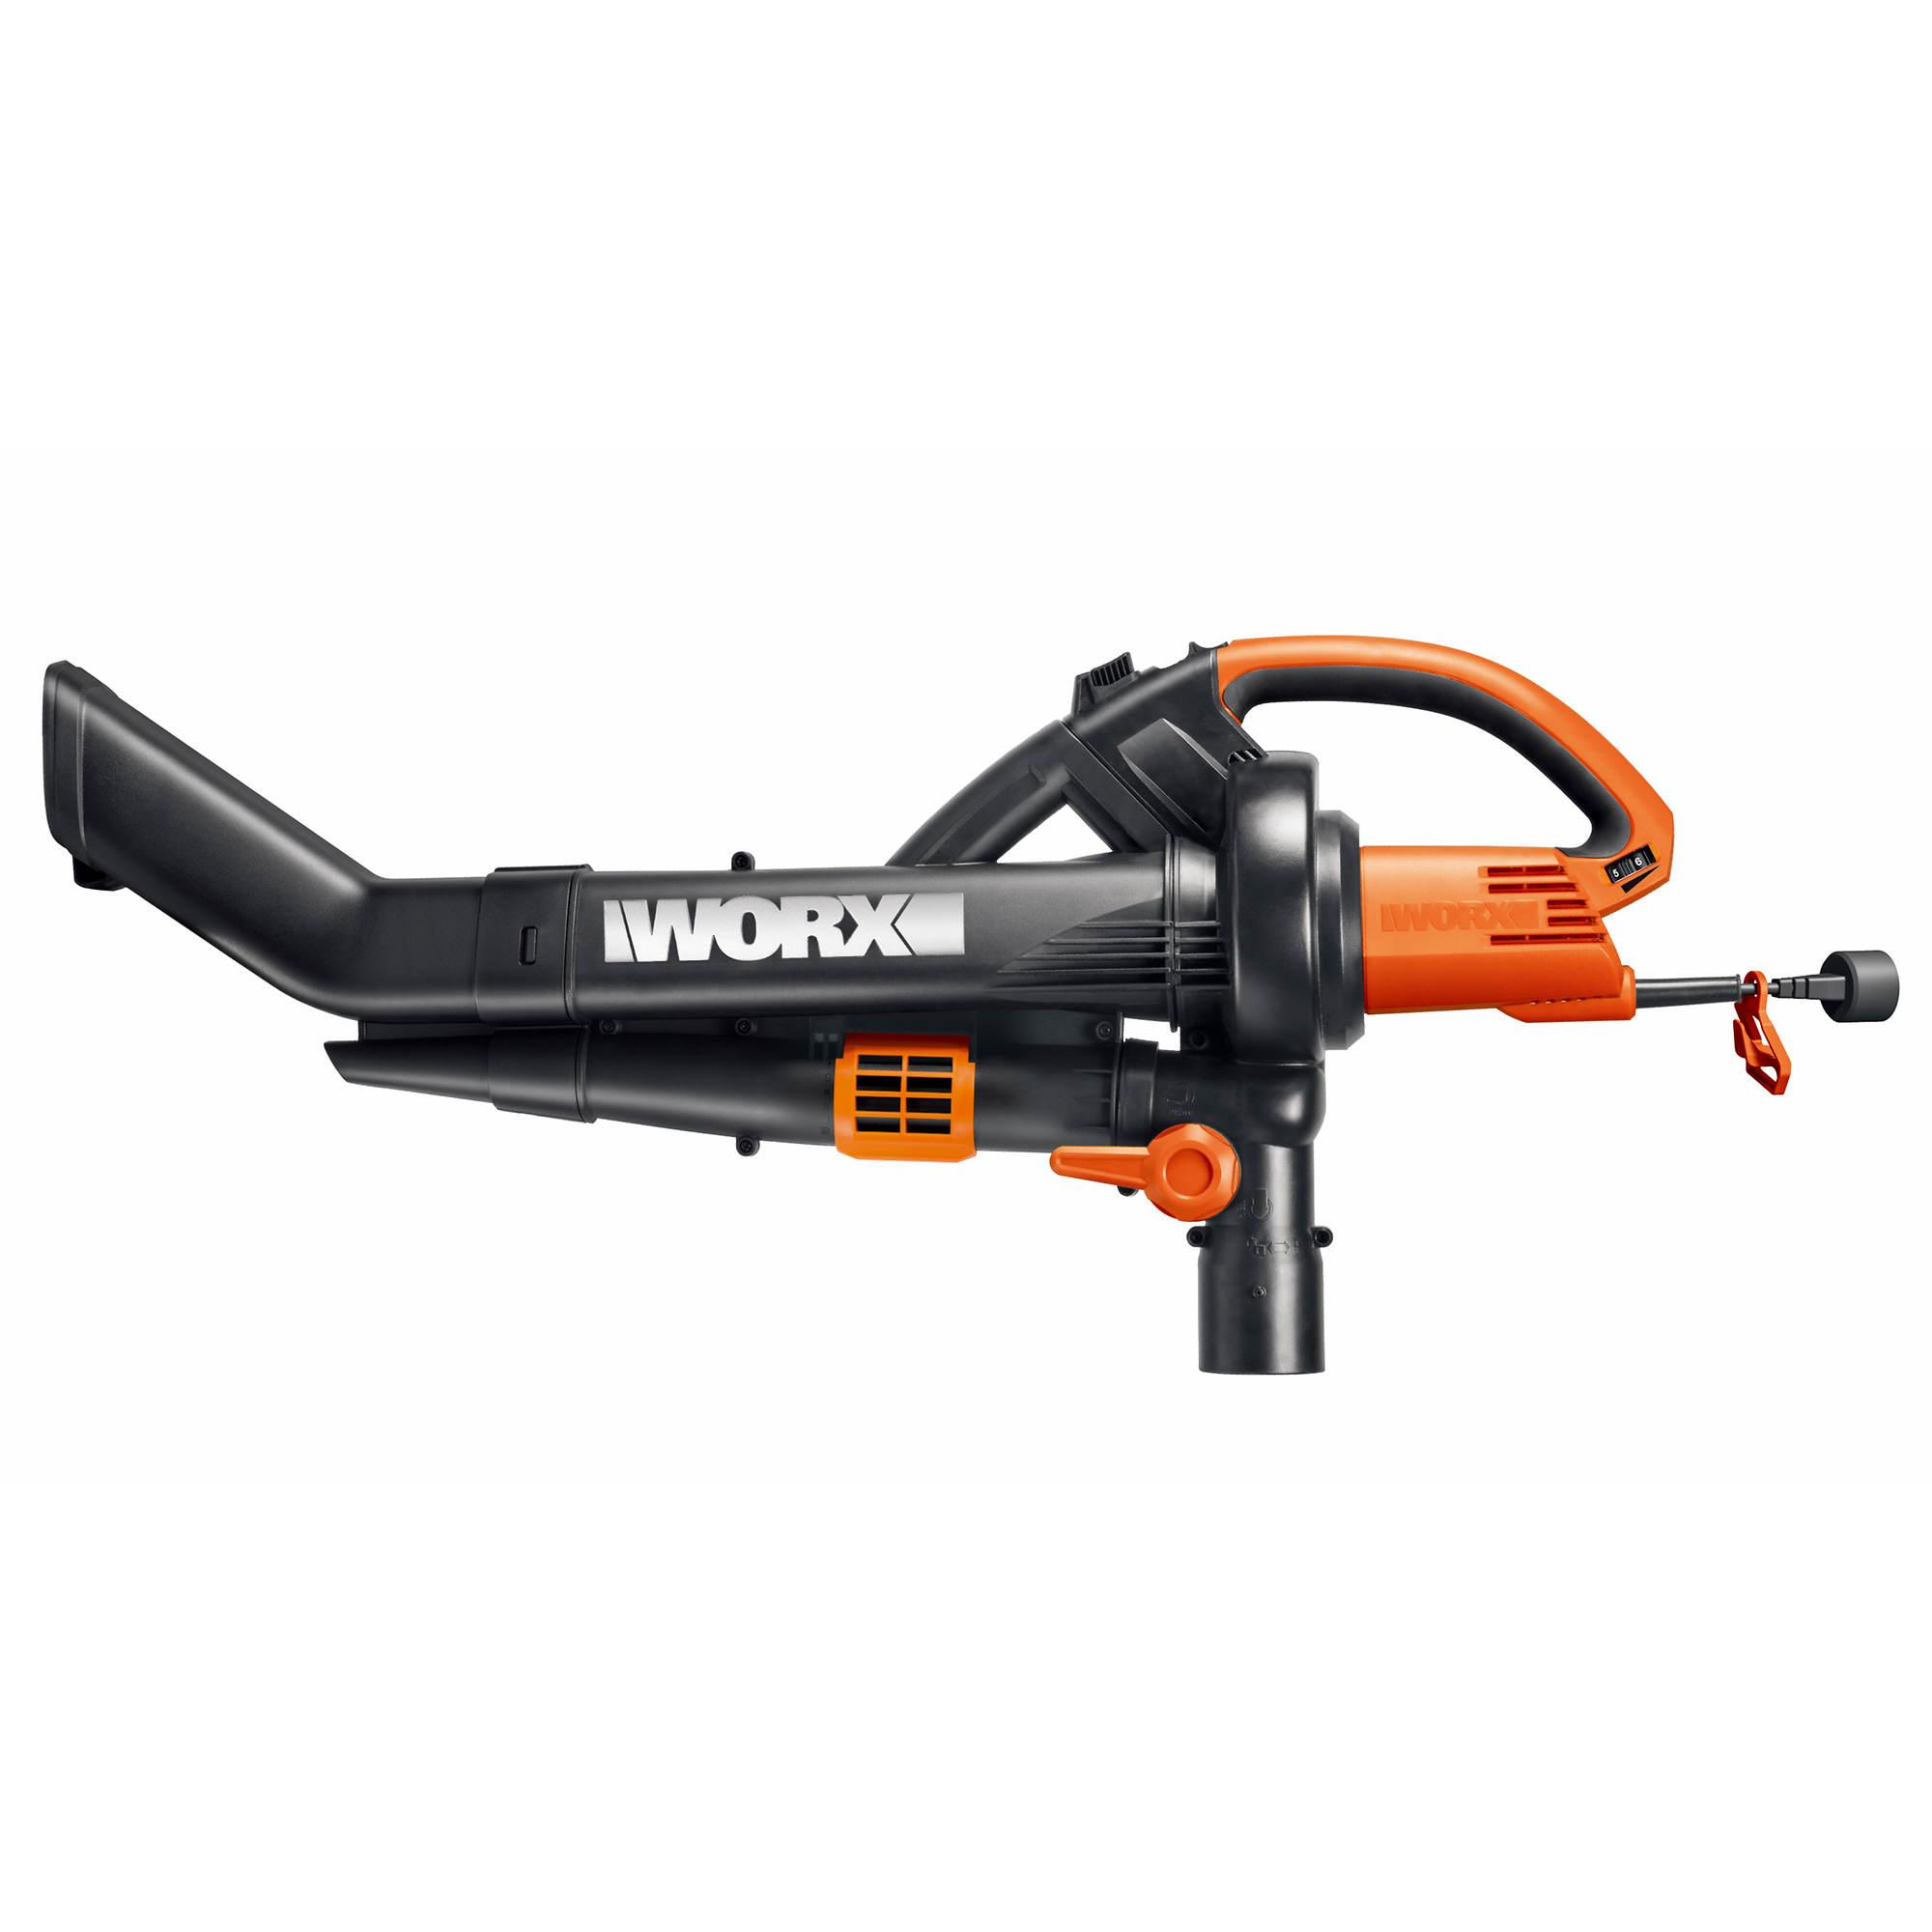 Worx Leaf Blower Vacuum Mulcher : Worx electric trivac all in one blower mulcher and vacuum